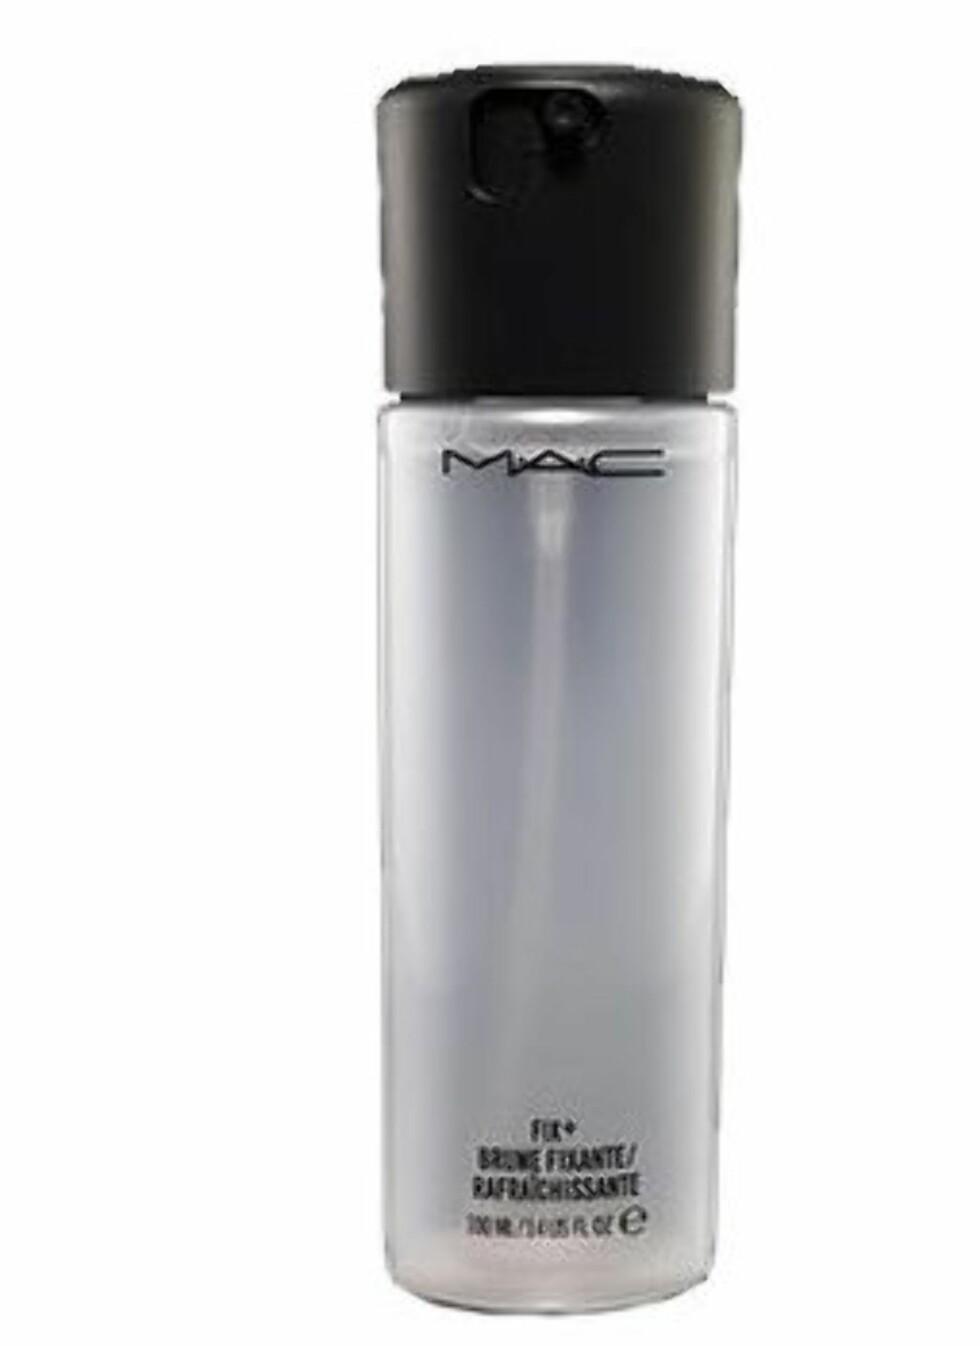 MAC Fix+, 100 ml kr 155 Dette er en vannspray med vitaminer, mineraler og kombinasjon av grønn te, kamille og agurk som skal berolige, forfriske huden og fiksere sminken. Huden føles frisk og hydrert umiddelbart og i en knapp halvtime etter påføring. Sminke, spesielt pudderprodukter, ser mer naturlige ut etter bruk av sprayen, og sminken varer også lenger. Forfriskende lukt og følelse, men den lukter litt for mye til å bruke gjennom en hel dag. Best som fikseringsspray etter sminking. Terningkast 5Innhold: Vann, glyserin, bytulenglykol, agurkekstrakt, kamomille, kameliabladekstrakt, tocoferyl acetate, koffein, panthenol, hydrogenisert kastorolje og parfyme.